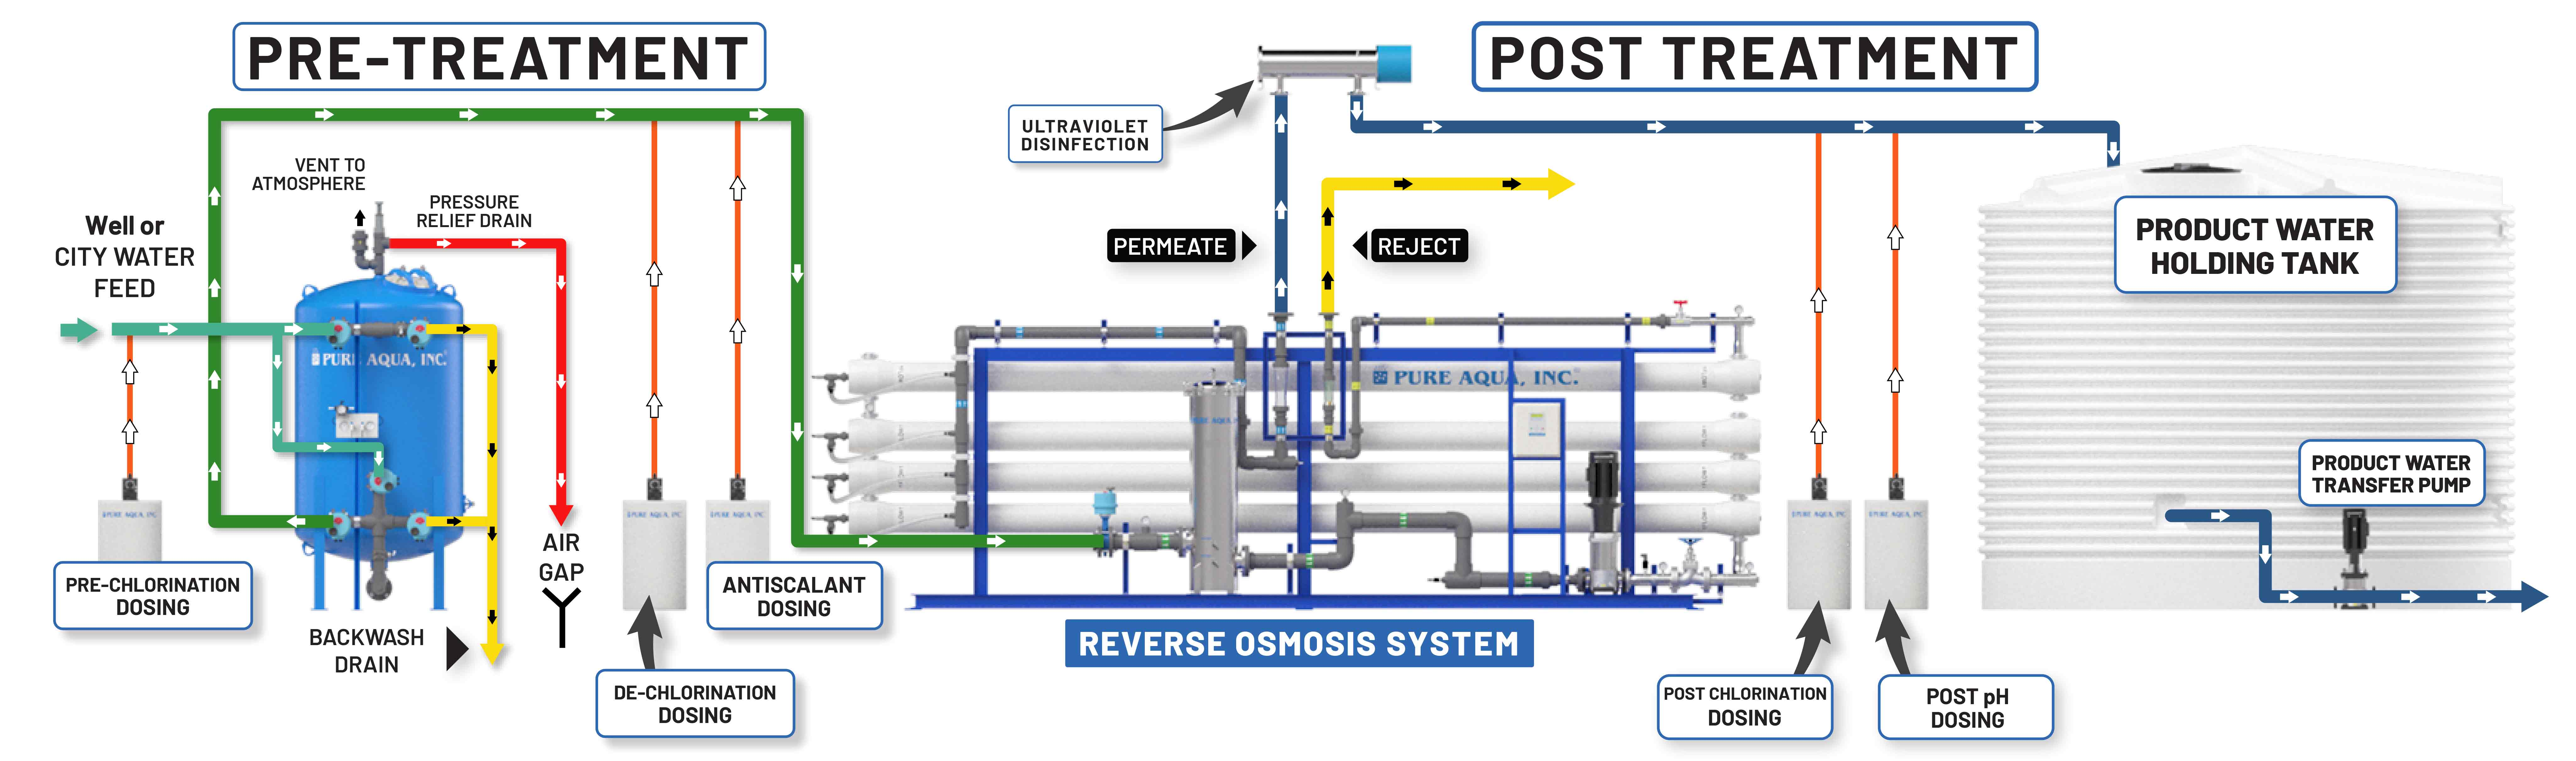 Schéma RO du système d'osmose inverse industriel